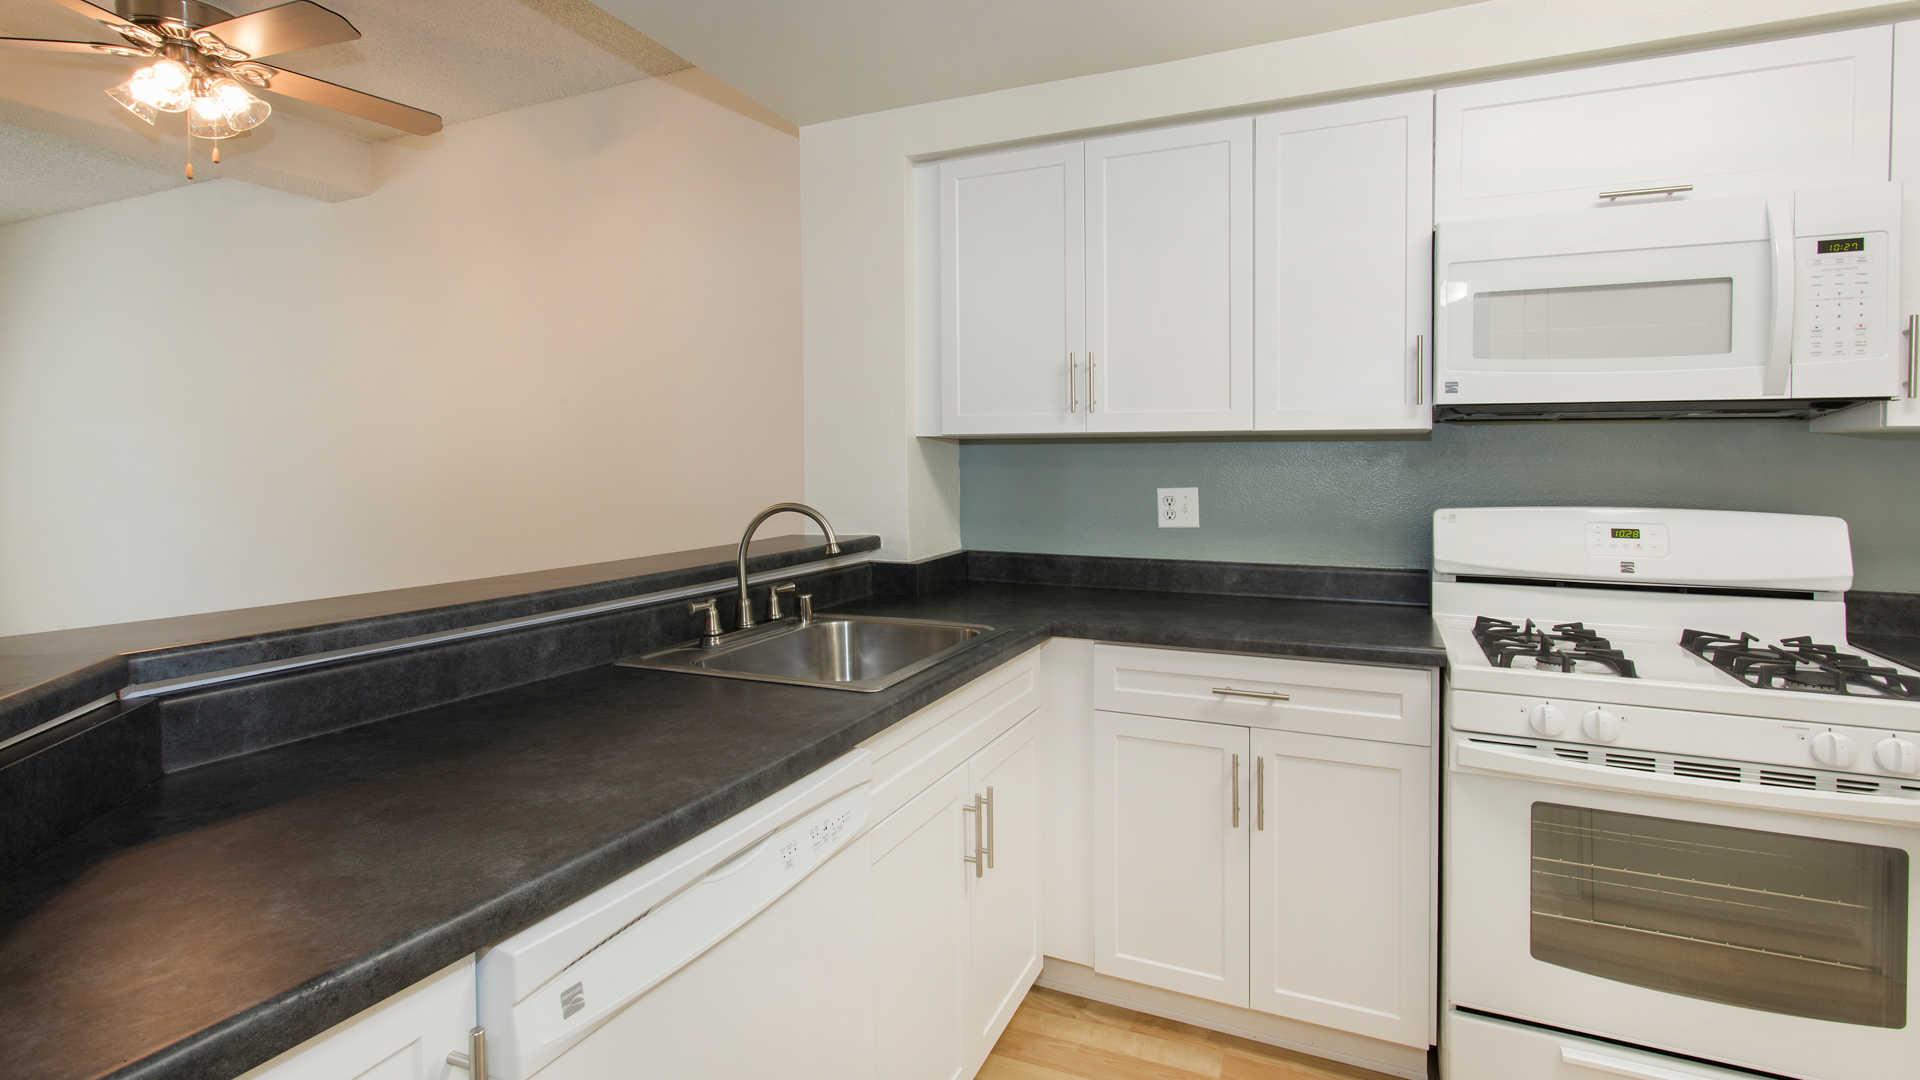 Portofino Apartments - Valencia - 24452 West Valencia Blvd ...